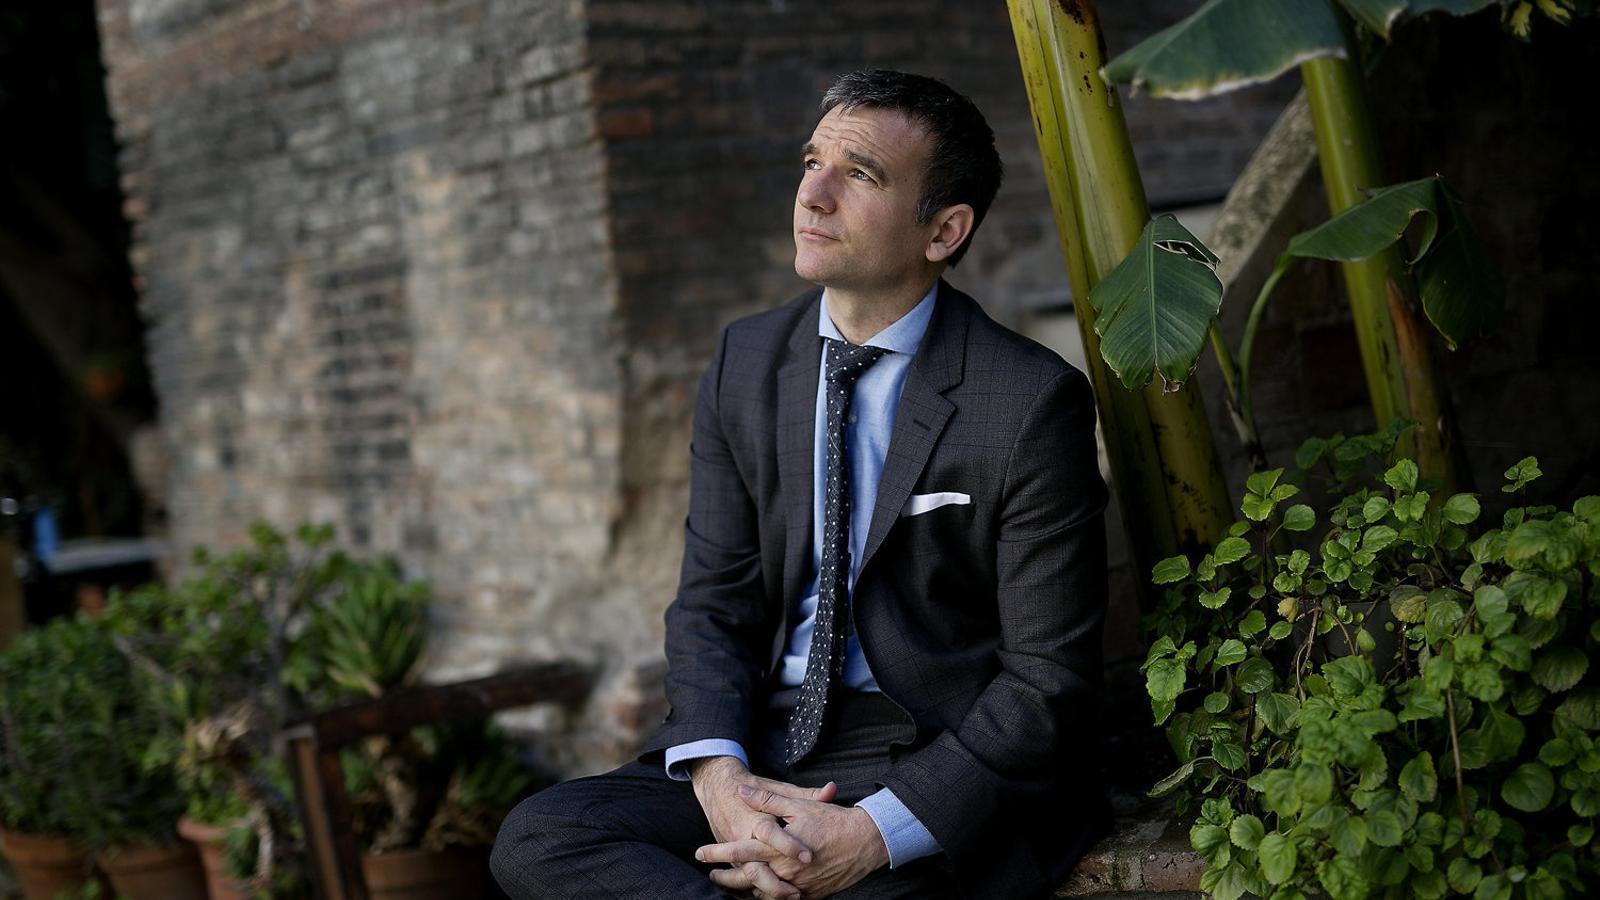 """Sergi Vicente: """"Betevé ha de ser viable: no em puc pas inventar els diners"""""""